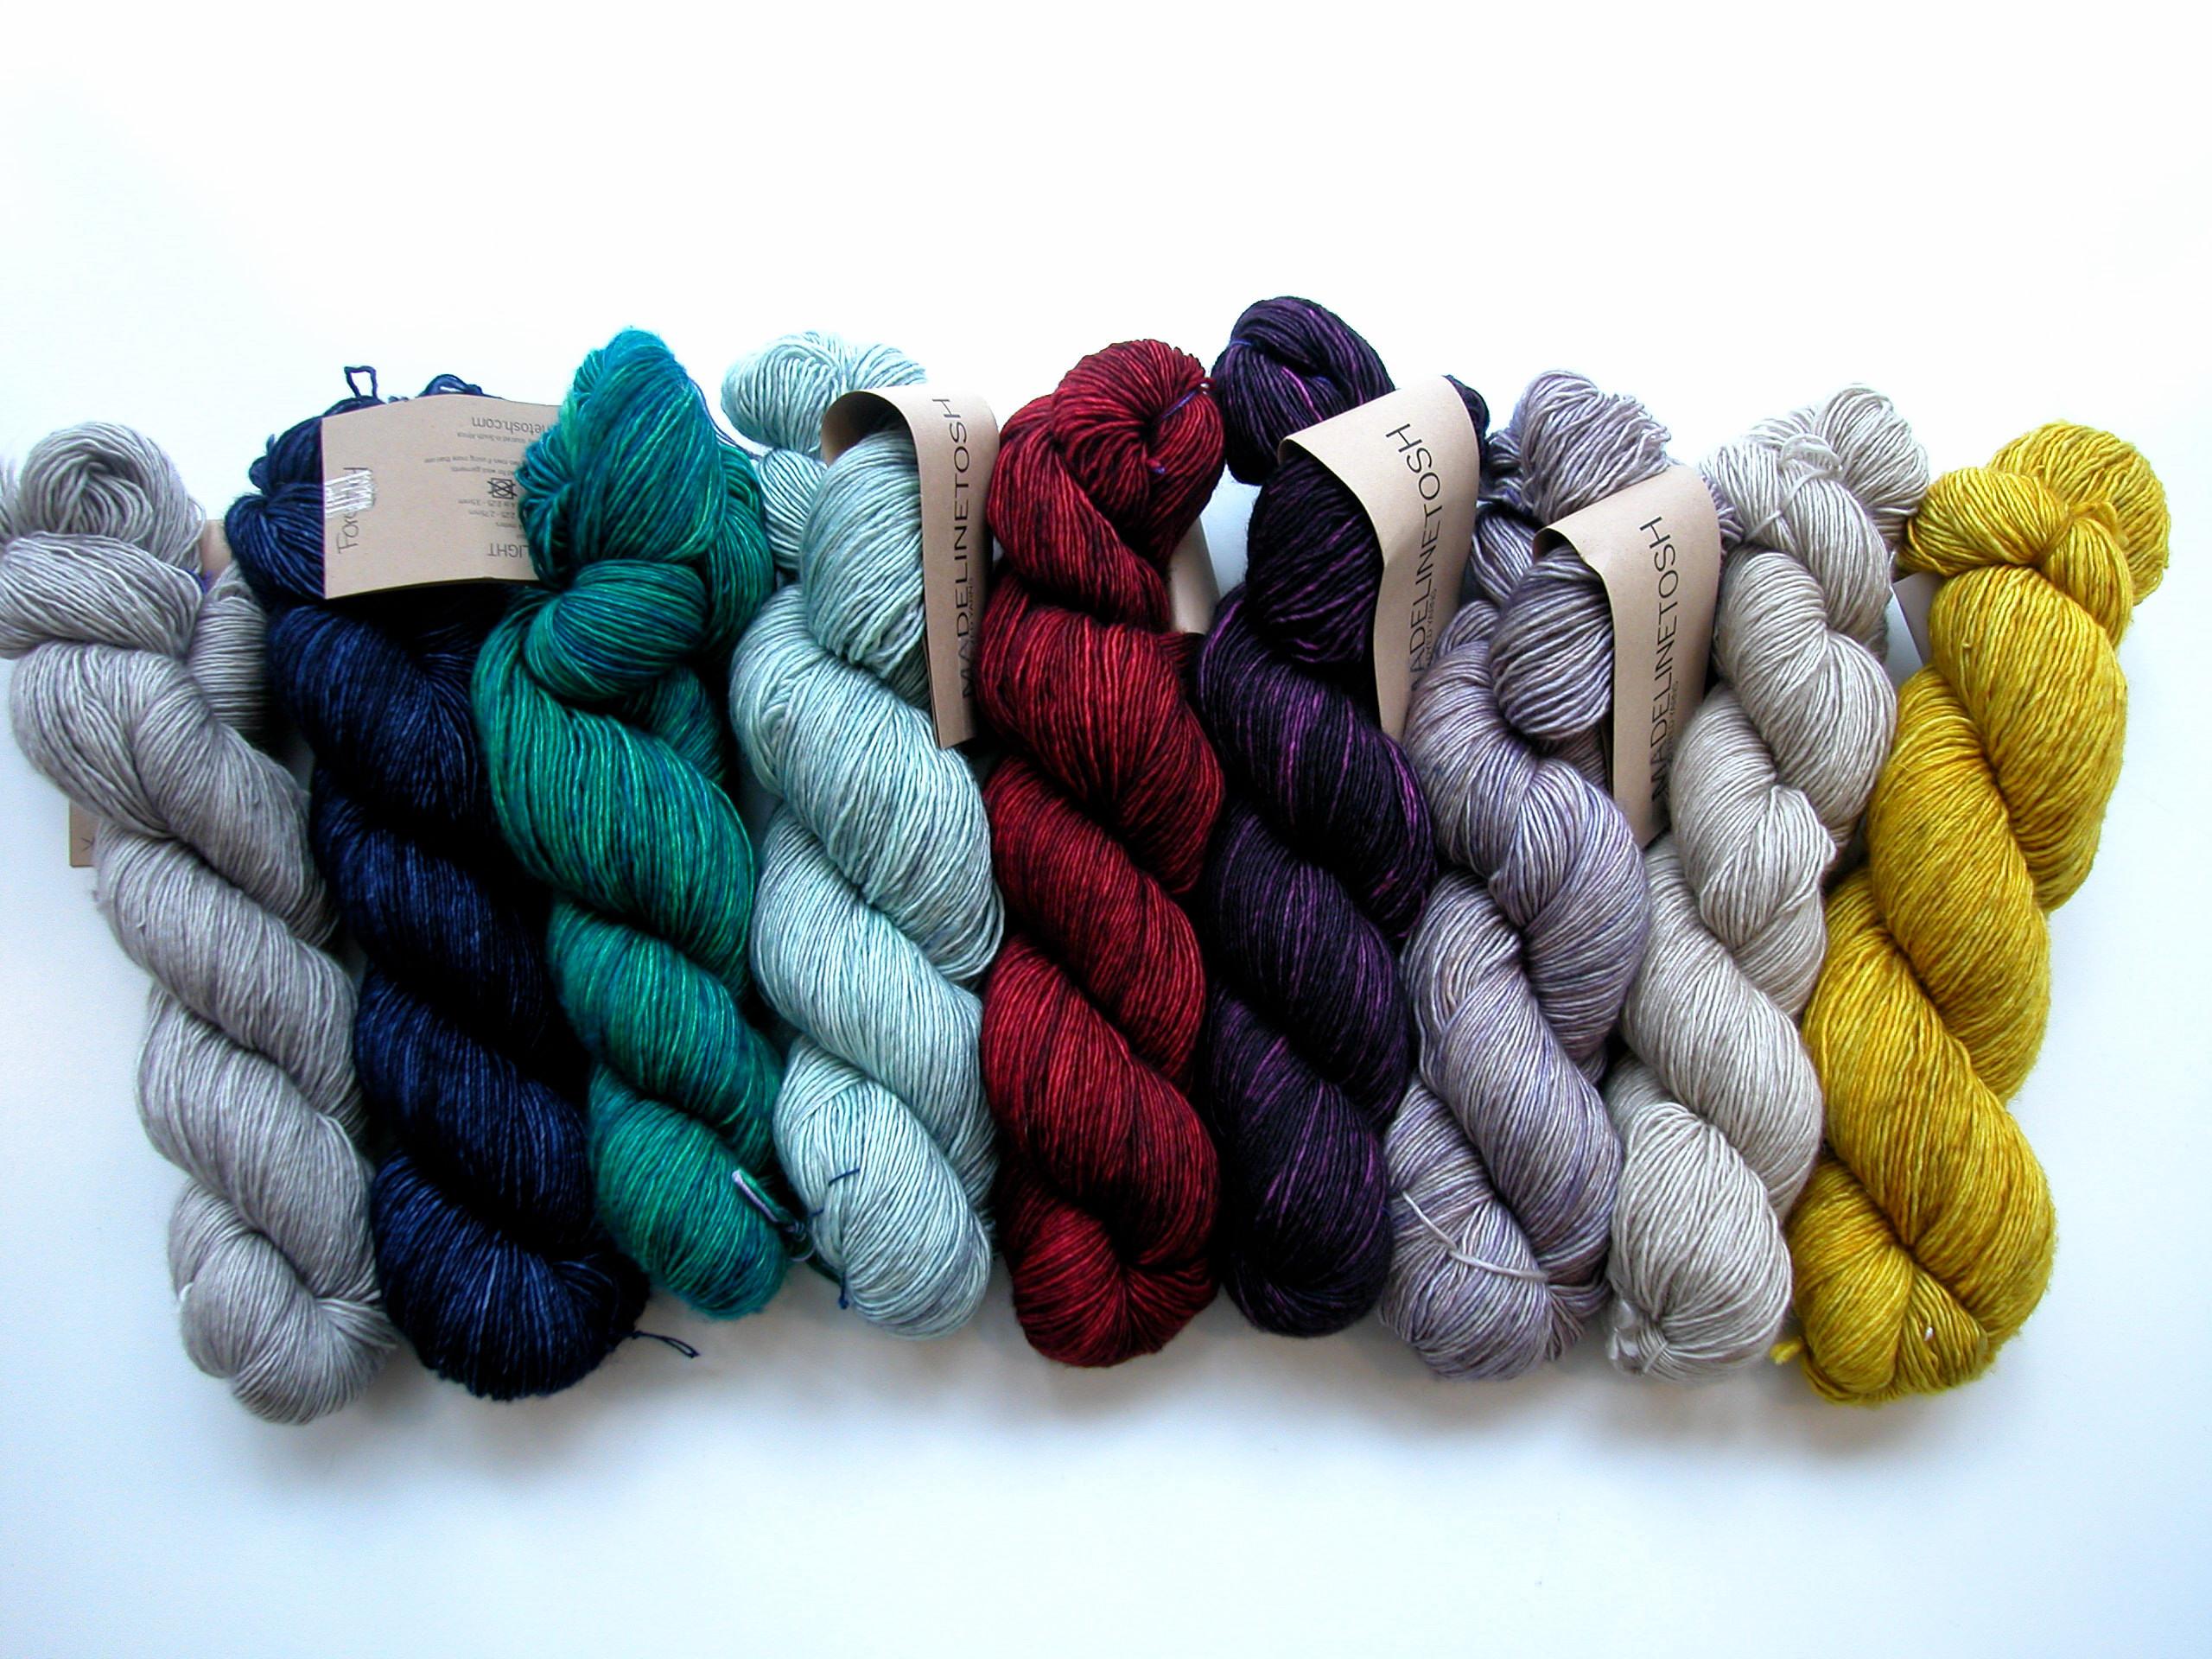 madeline tosh yarn the knit cafe. Black Bedroom Furniture Sets. Home Design Ideas